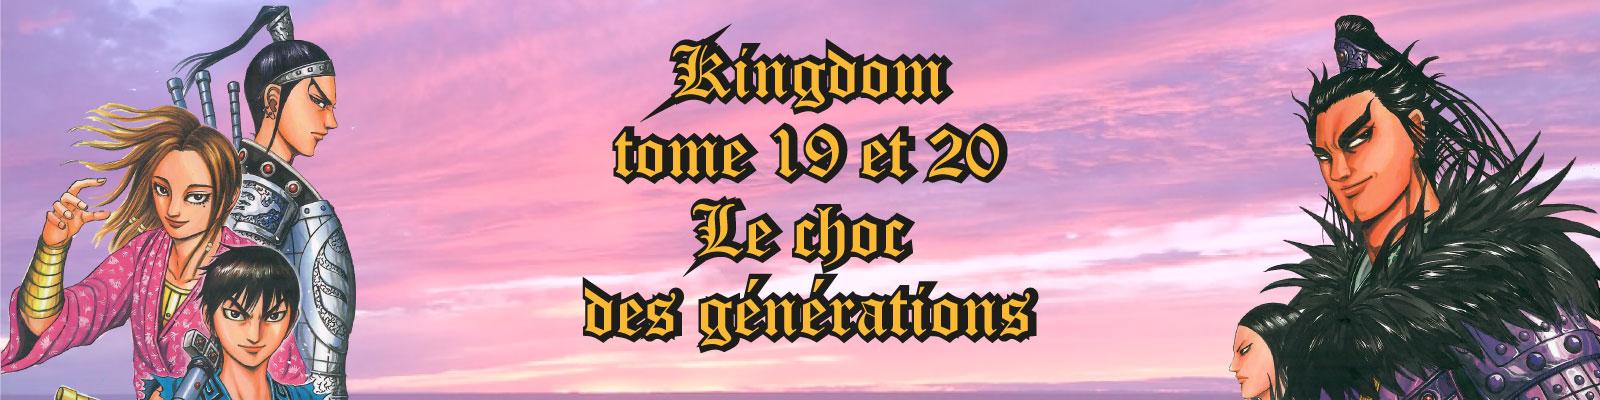 Kingdom T19 & 20